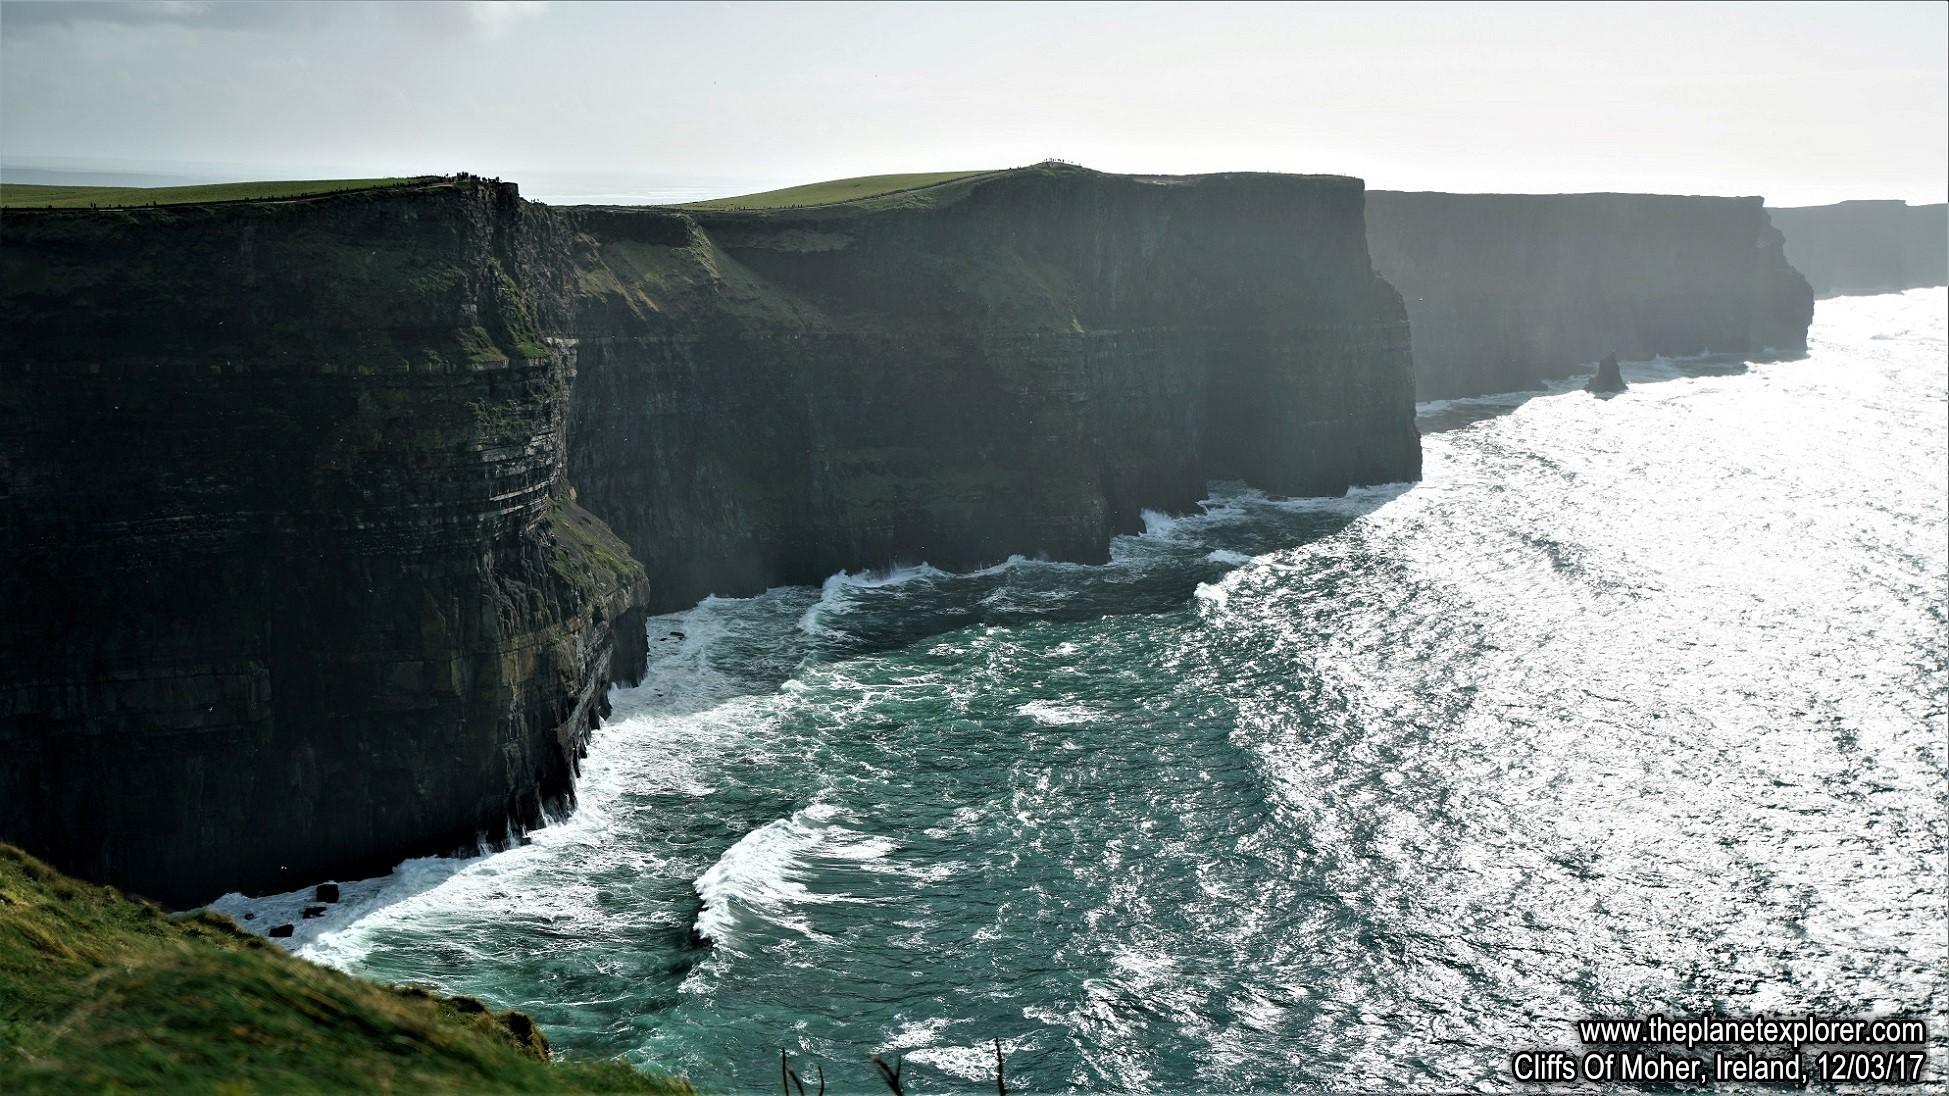 2017-03-12_1446_Ireland_Cliffs Of Moher_DSC07594_s7R2_LR_@www